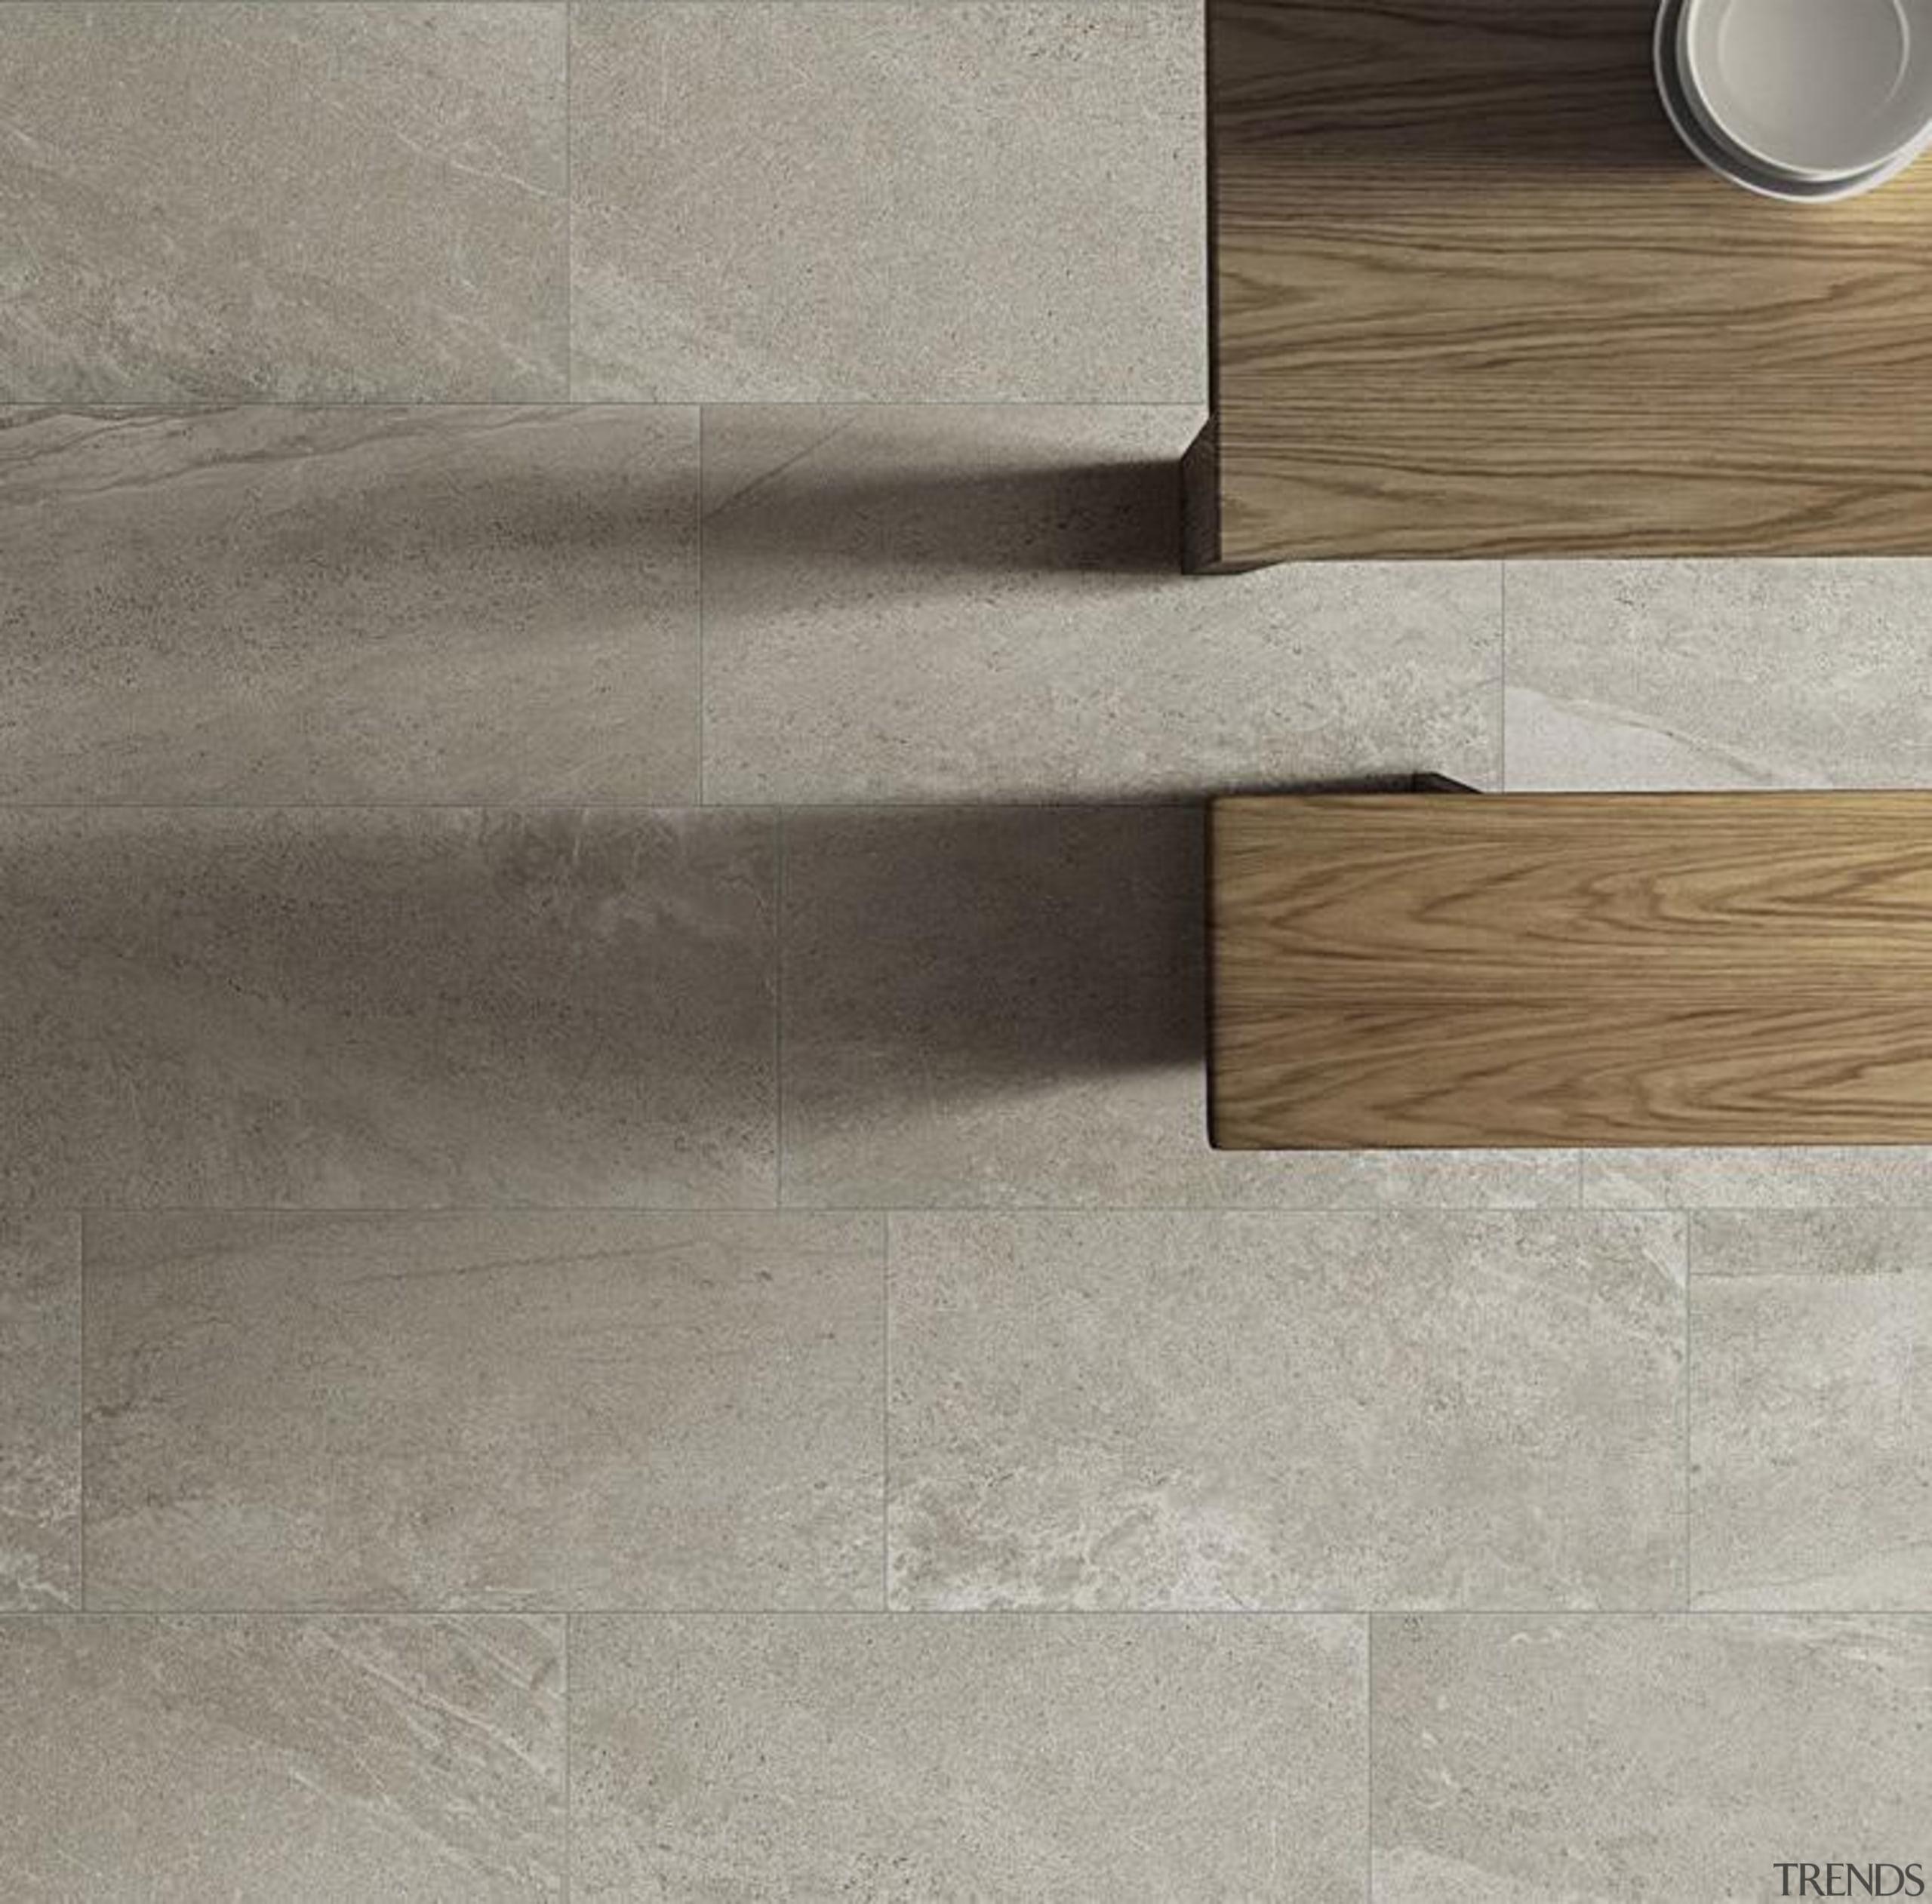 Blendstone pepper interior floor tiles - Blendstone Range floor, flooring, product design, tile, wall, wood, gray